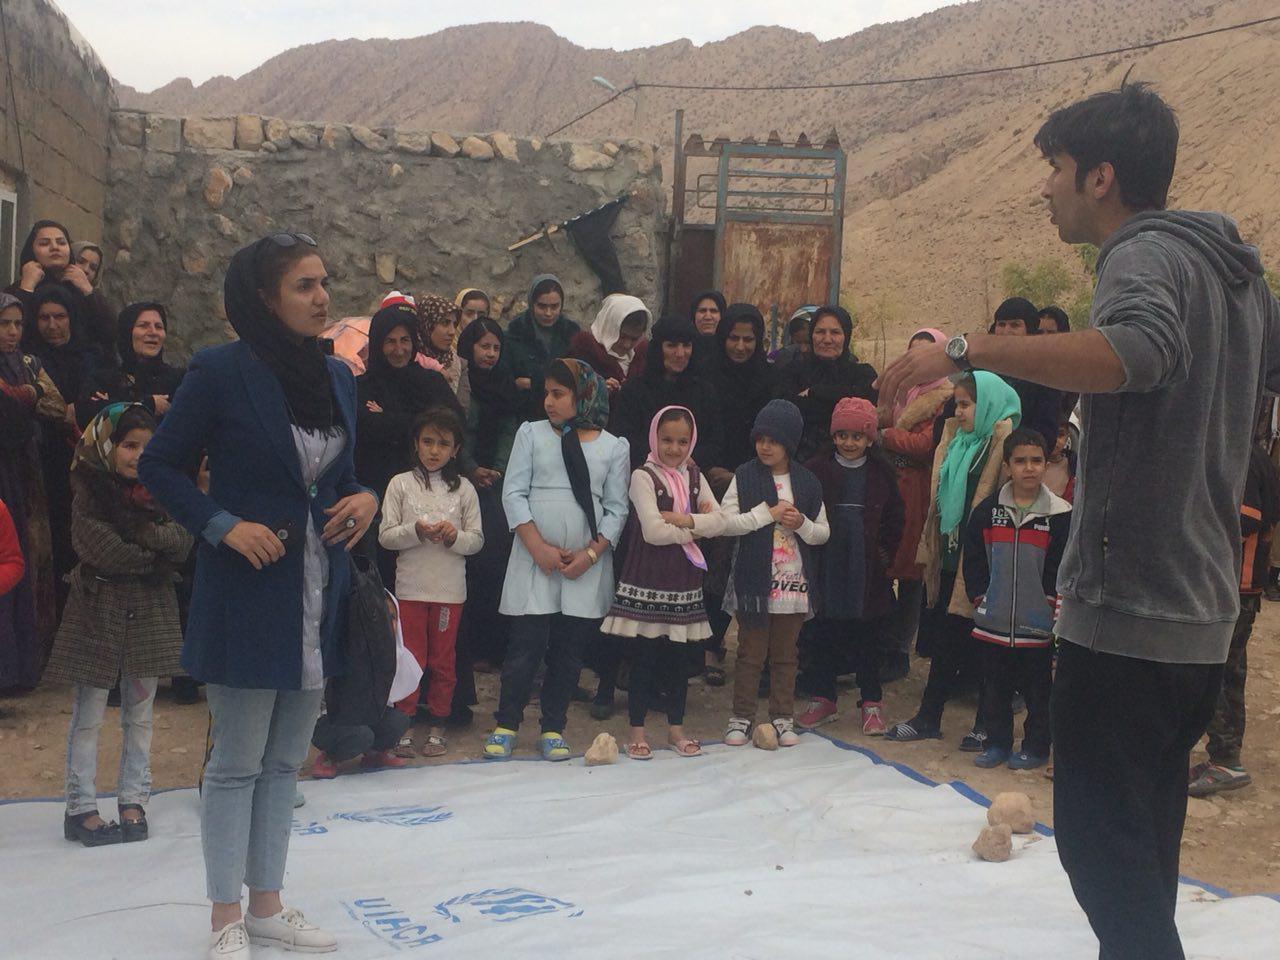 اجرای نمایش هنرمندان در مناطق زلزله زده استان کرمانشاه